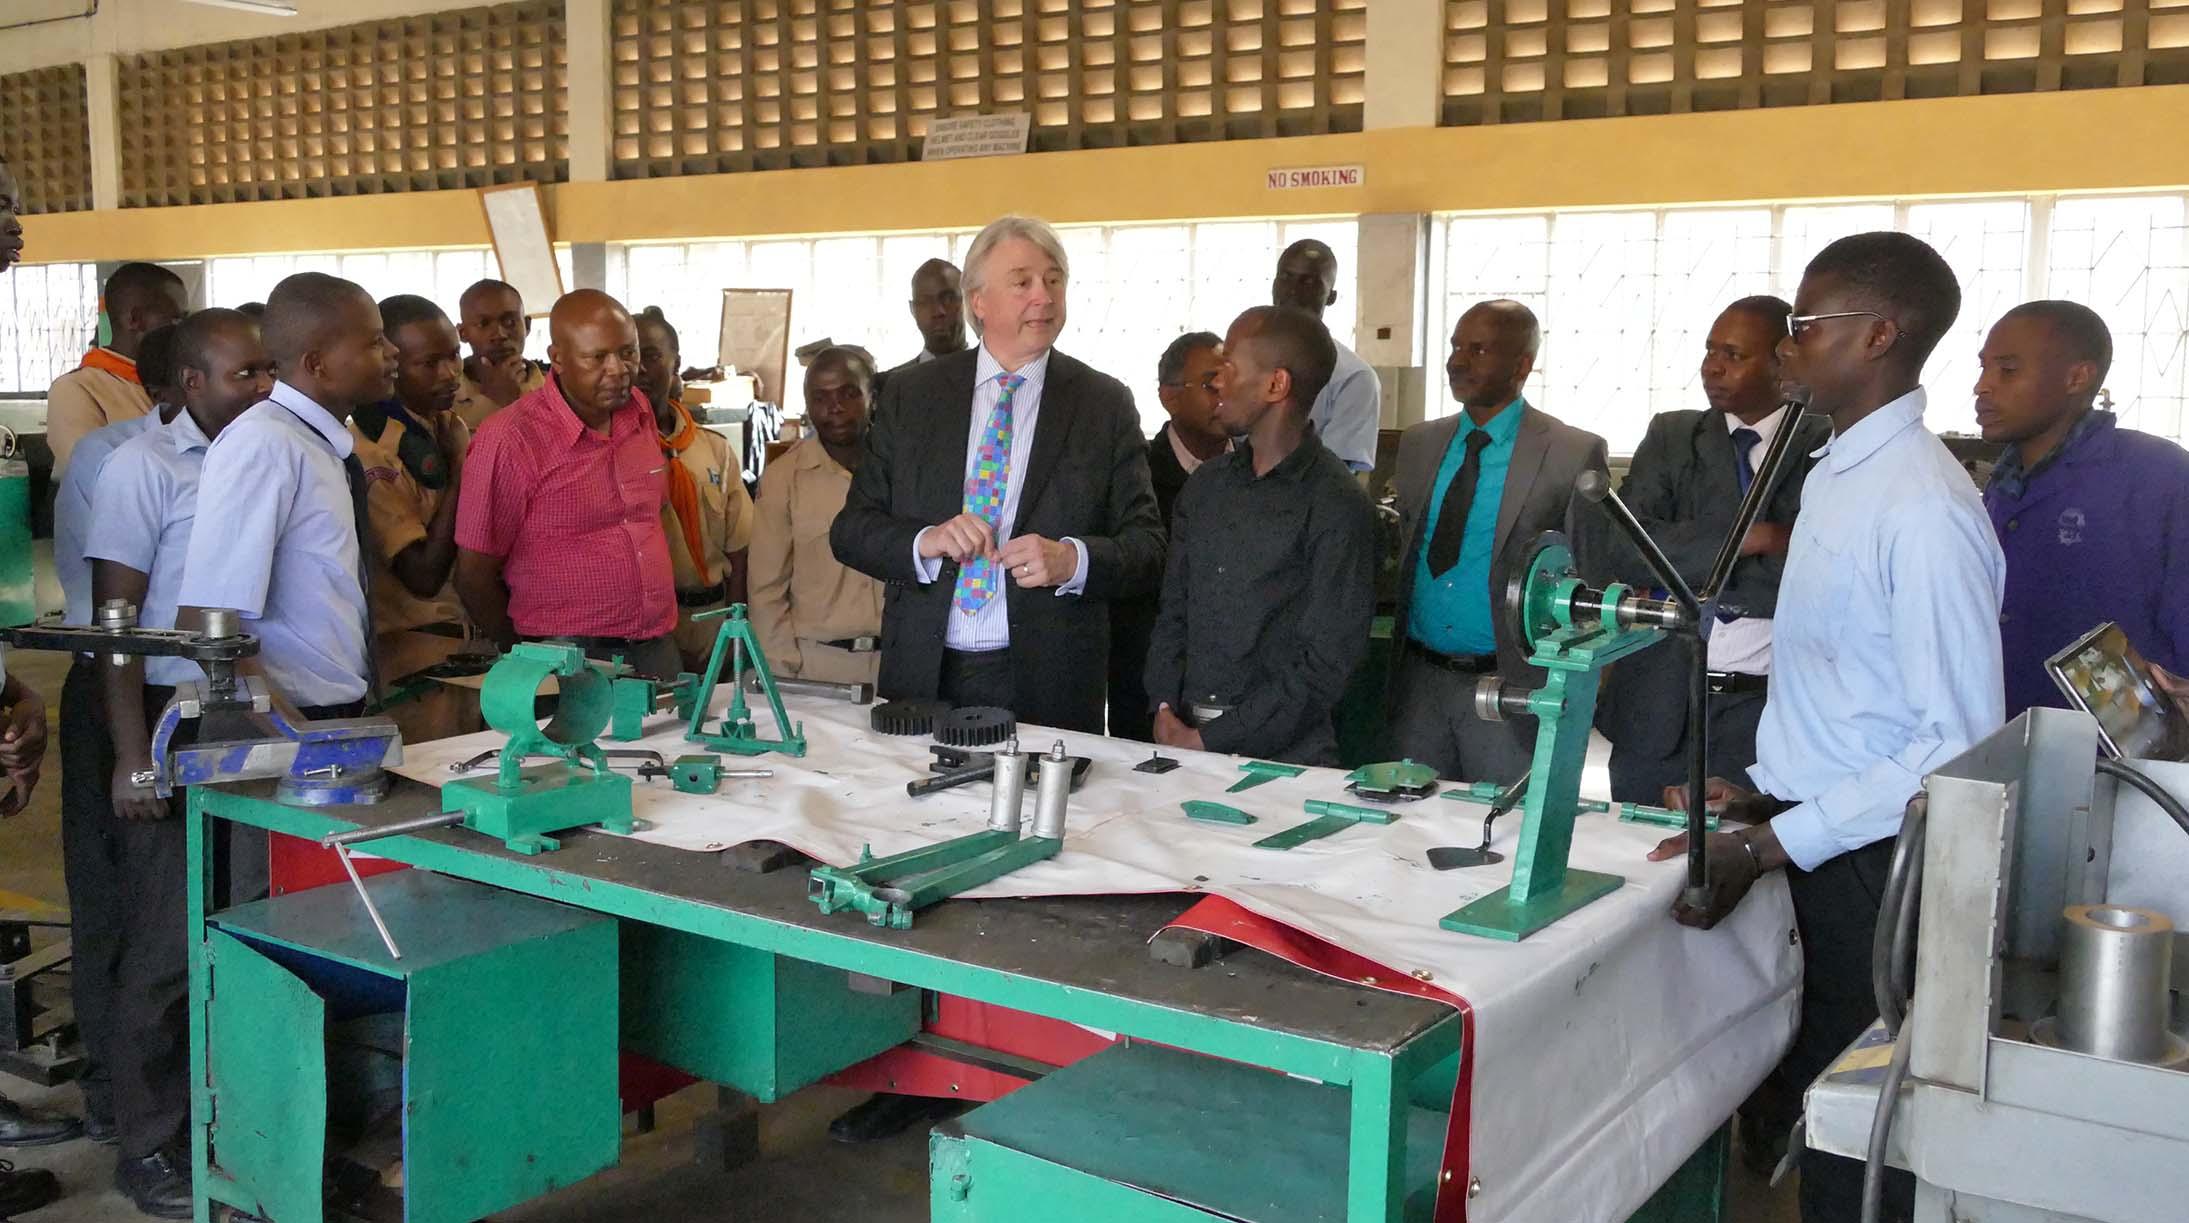 President Of WorldSkills International Visits Nairobi